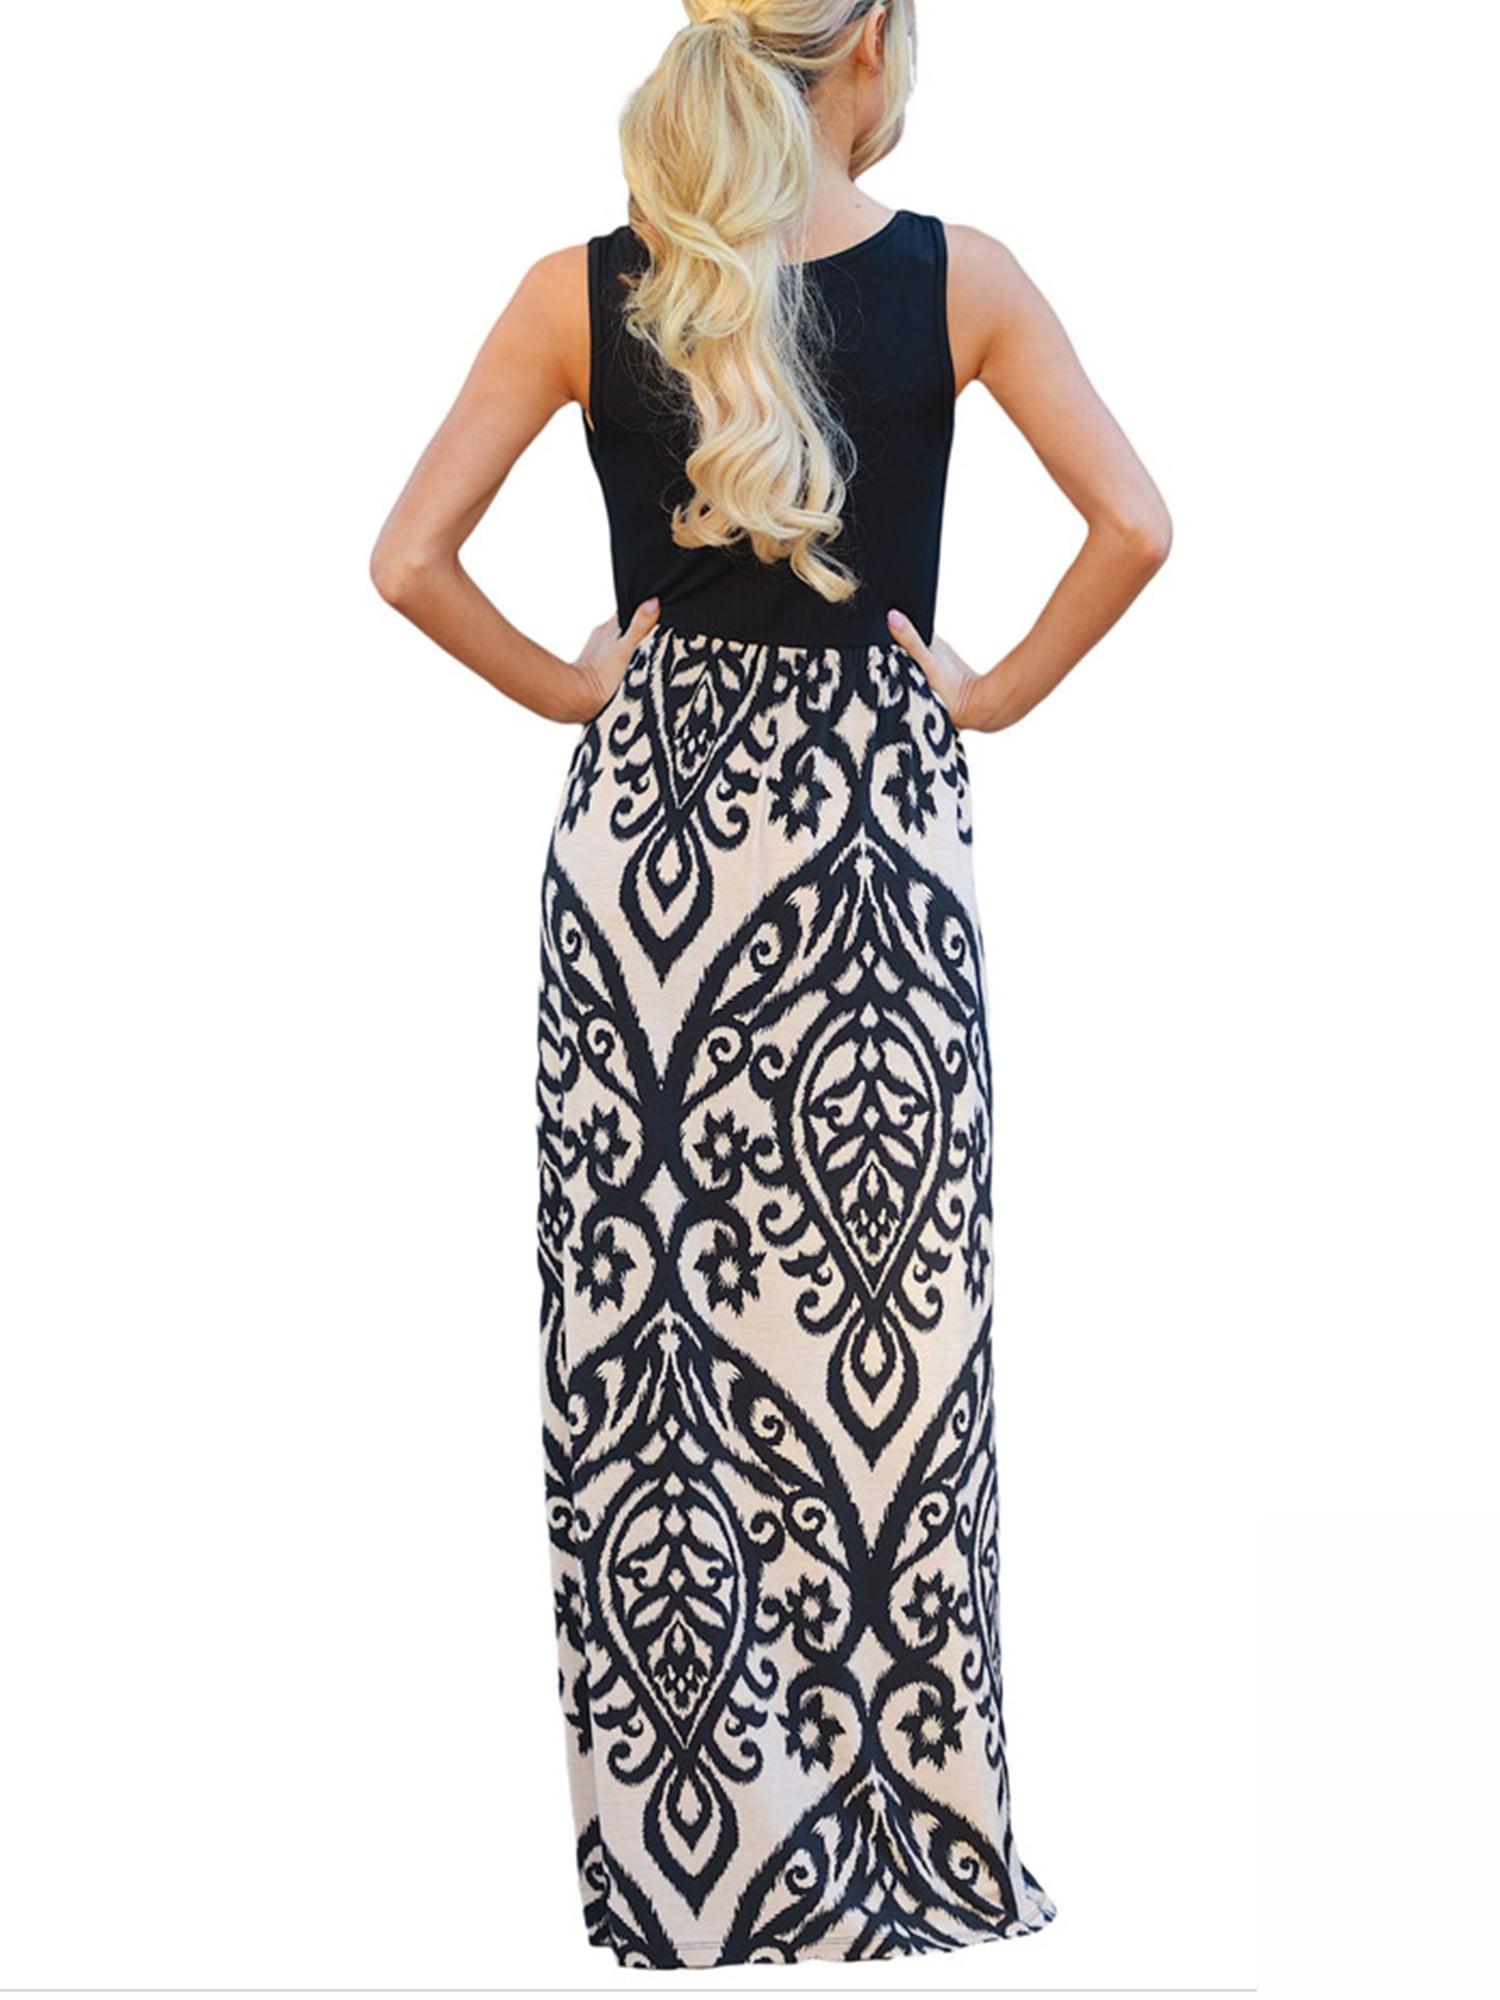 SAYFUT - SAYFUT Women\'s Ruched Sleeveless Tank Maternity Dress ...